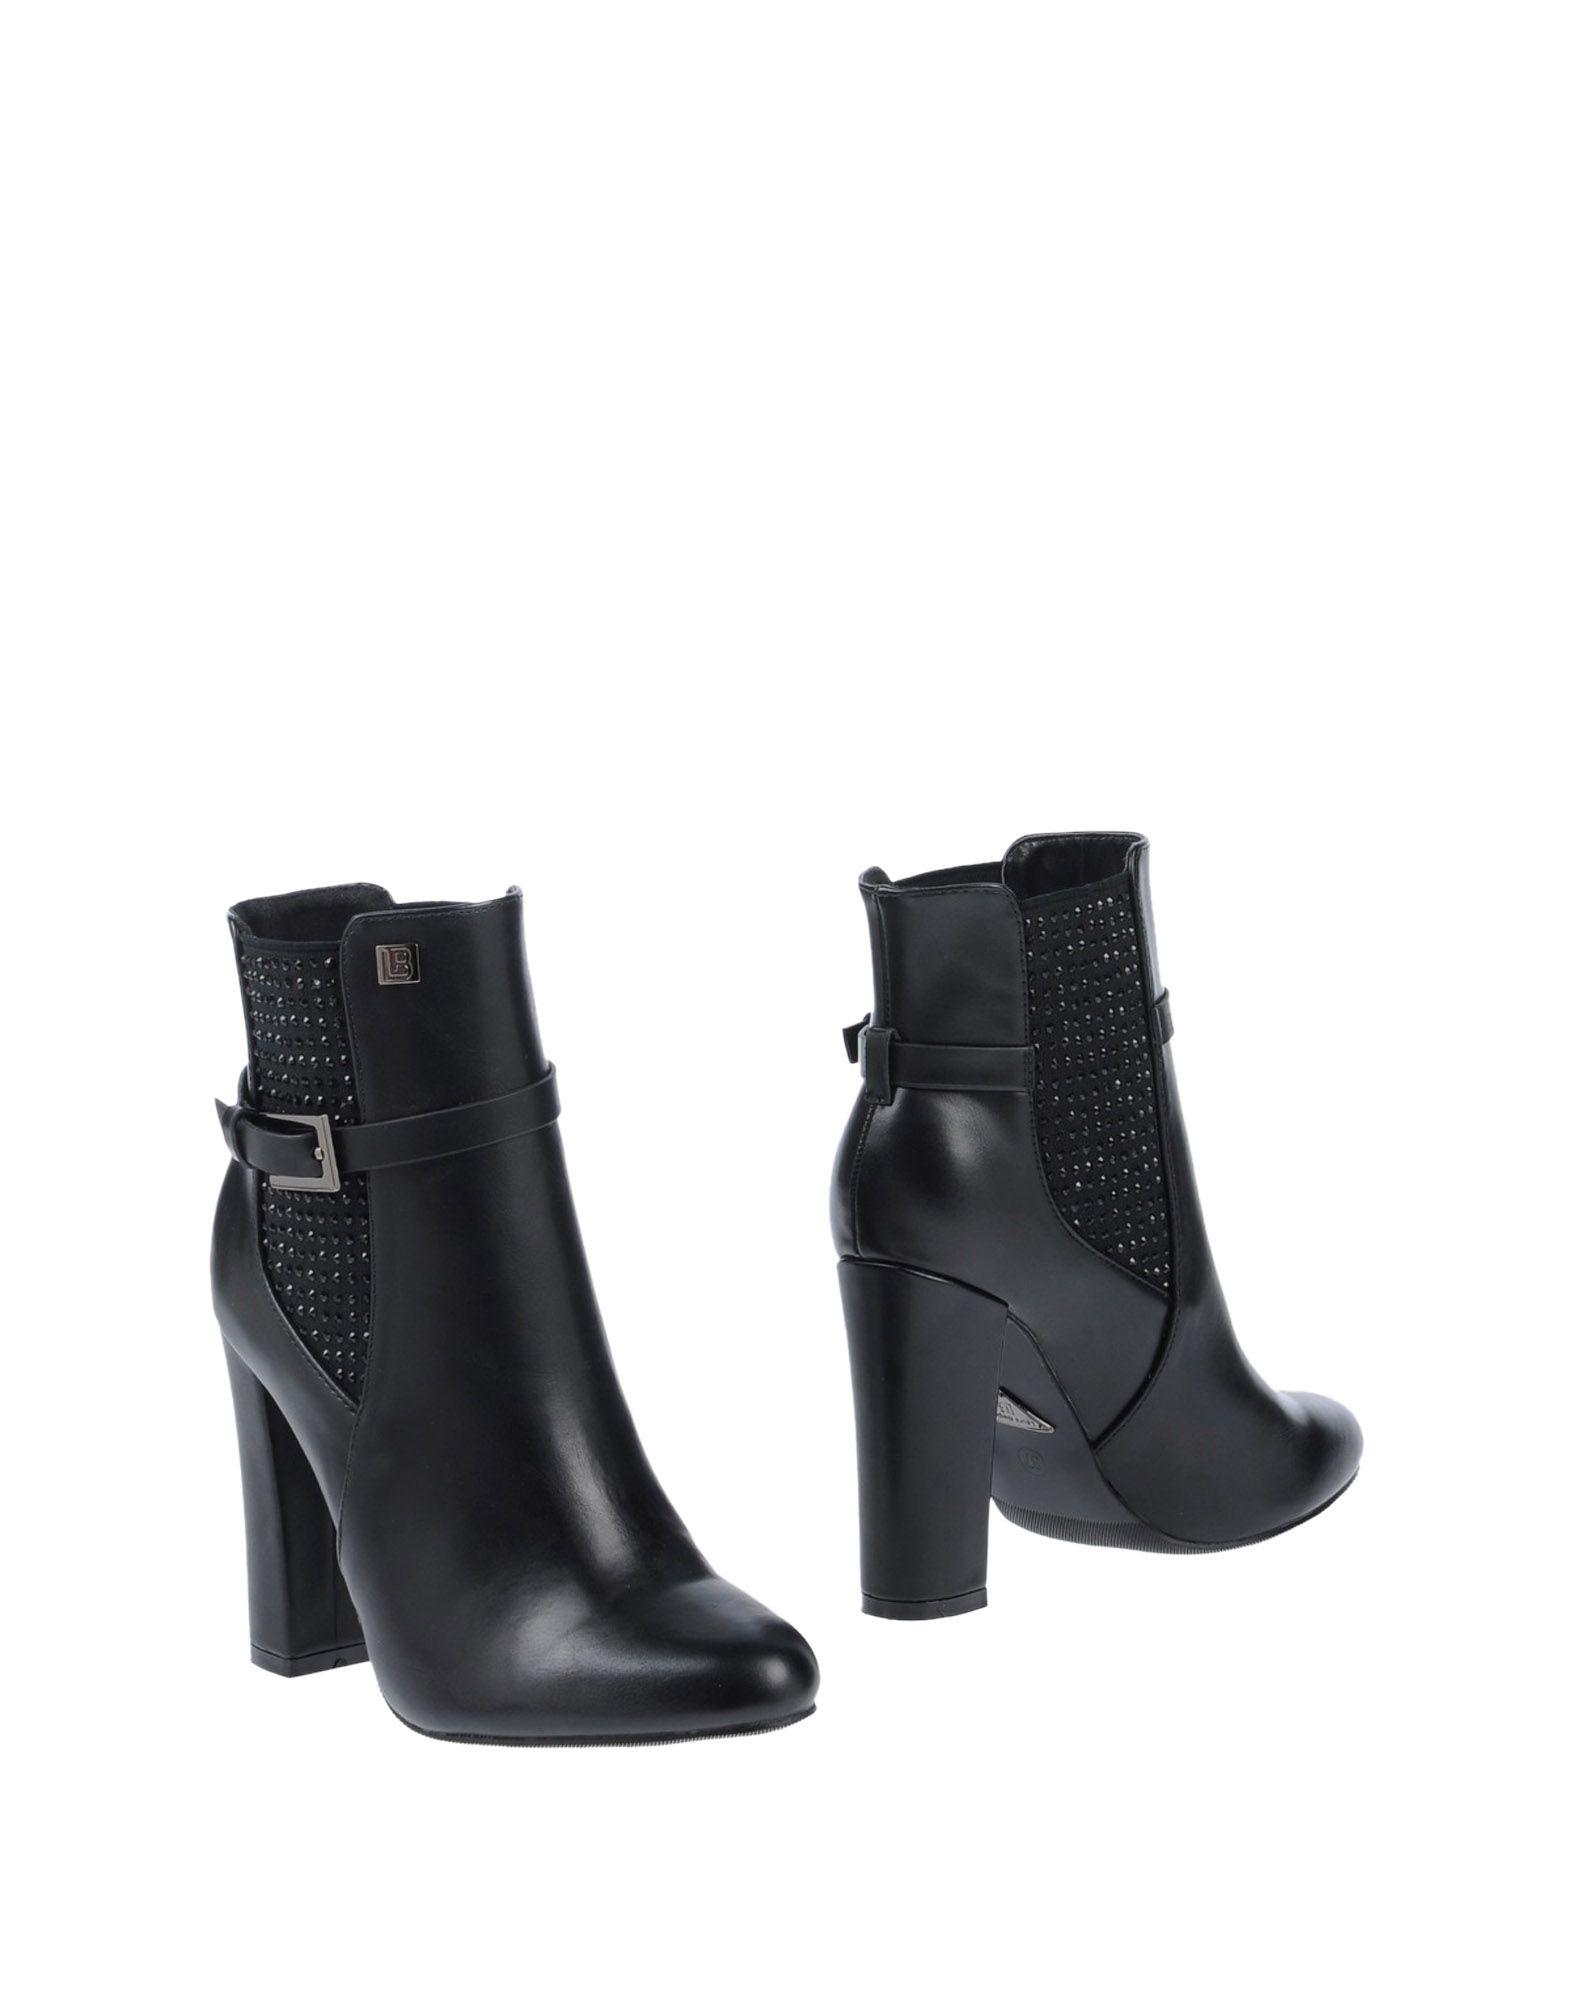 Laura Biagiotti Stiefelette Damen  11505785PG Gute Qualität beliebte beliebte beliebte Schuhe 83c2c5